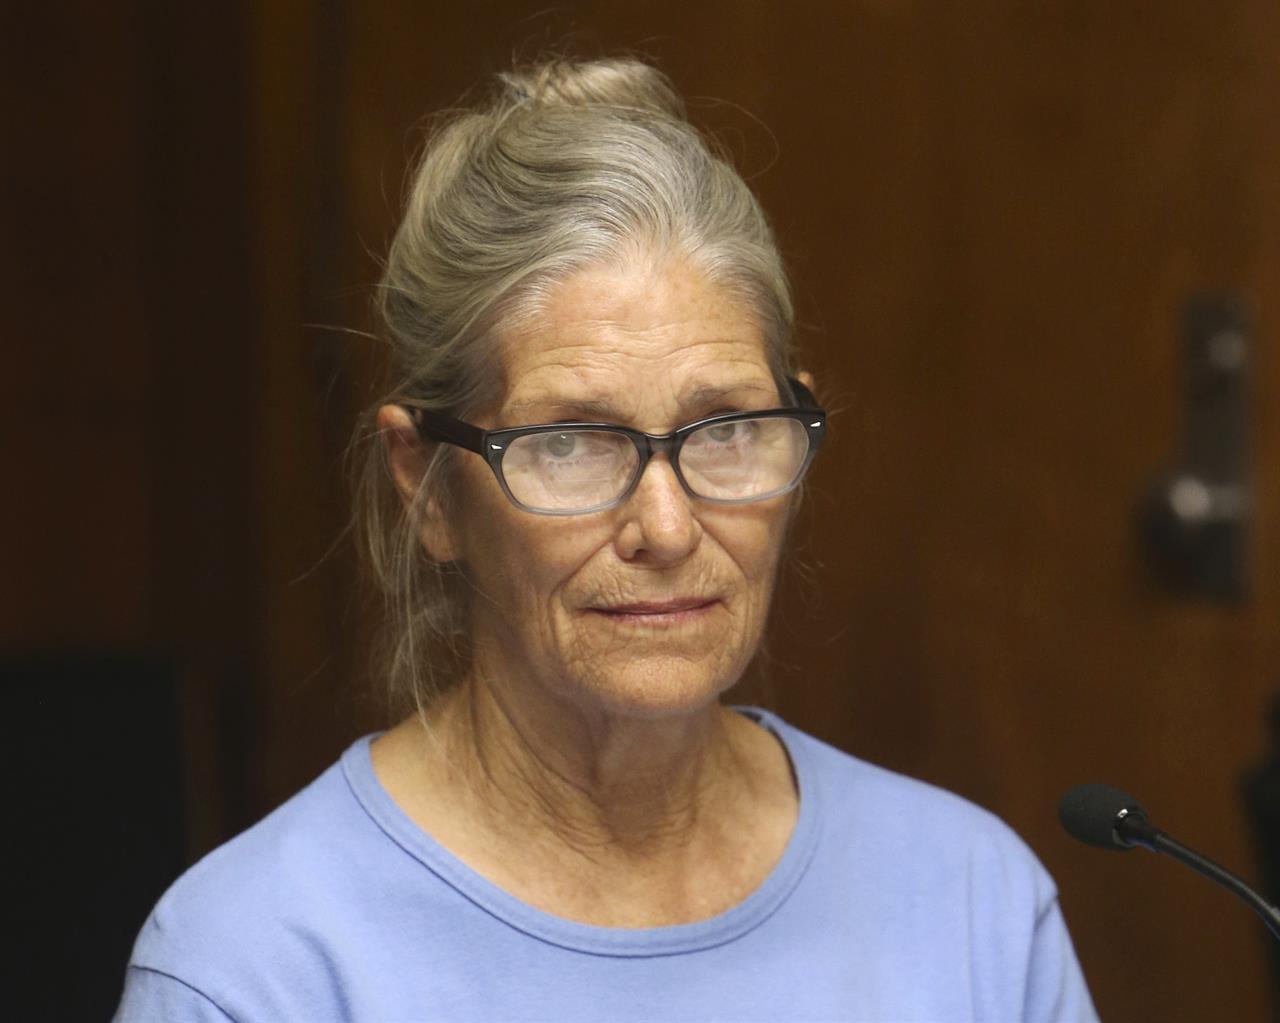 Court denies release for Manson follower Leslie Van Houten